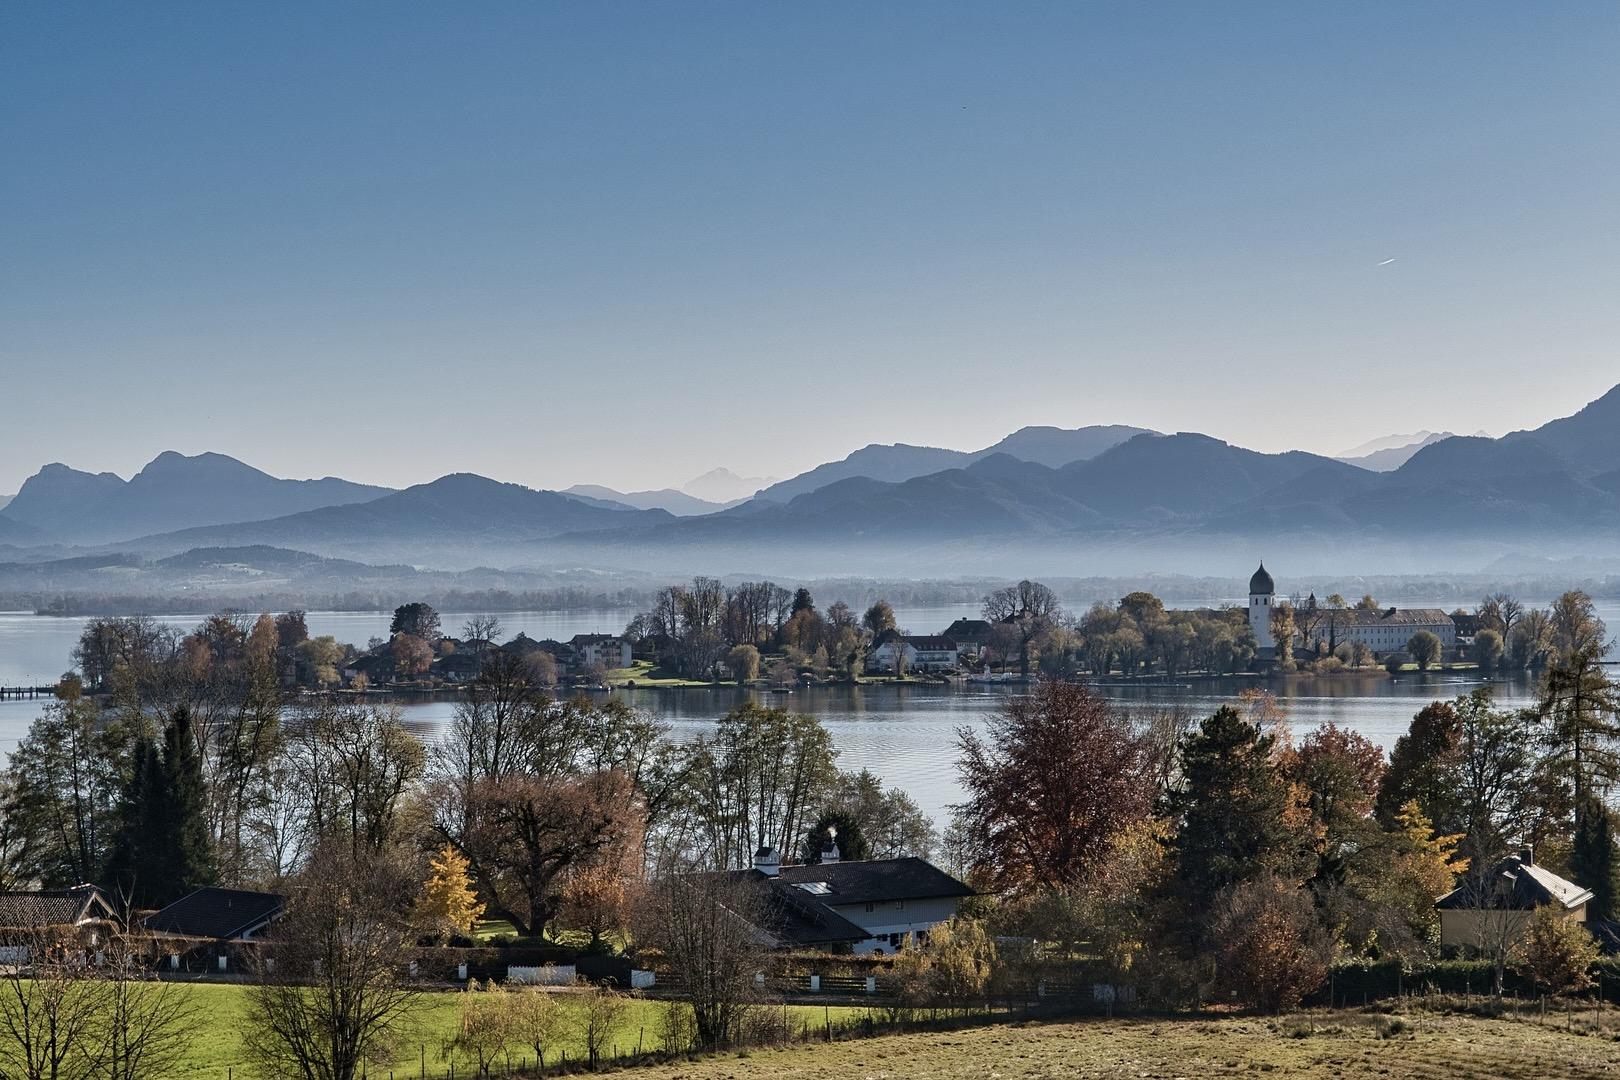 Ausblick auf den für Wassersport beliebten Chiemsee in Bayern